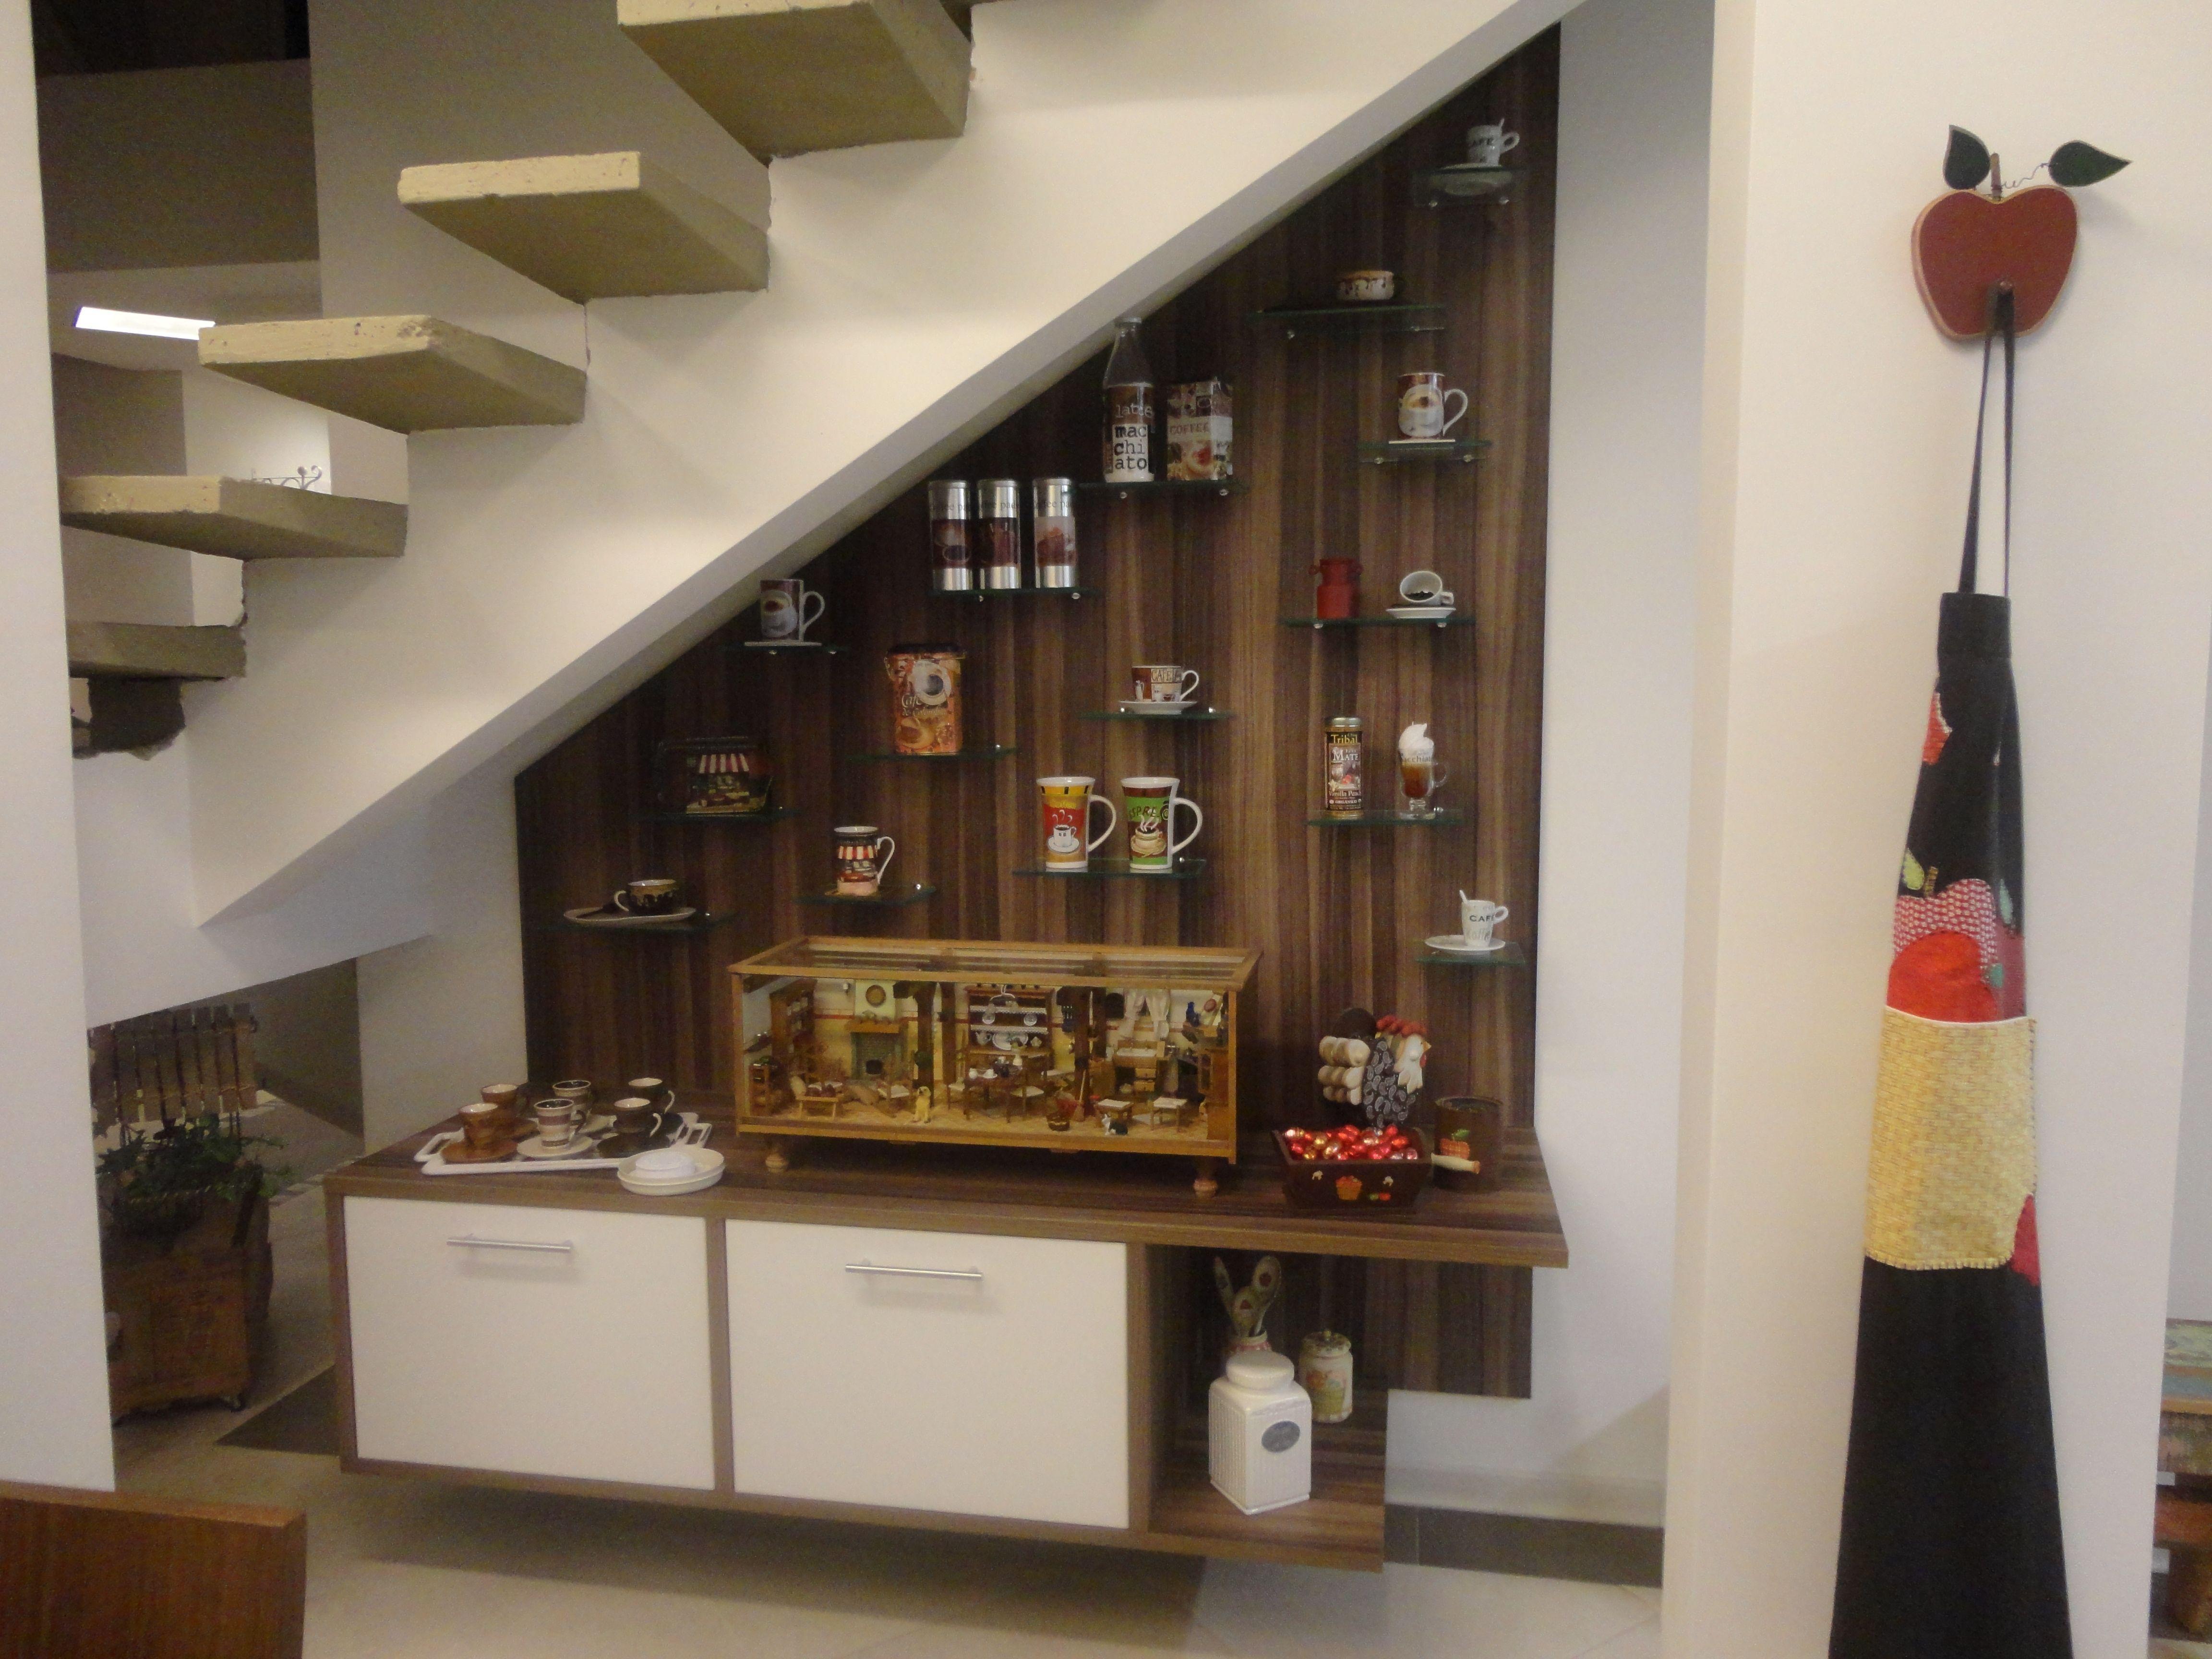 escada:14 ideias criativas para aproveitar o espaço embaixo da escada #A73524 4608 3456